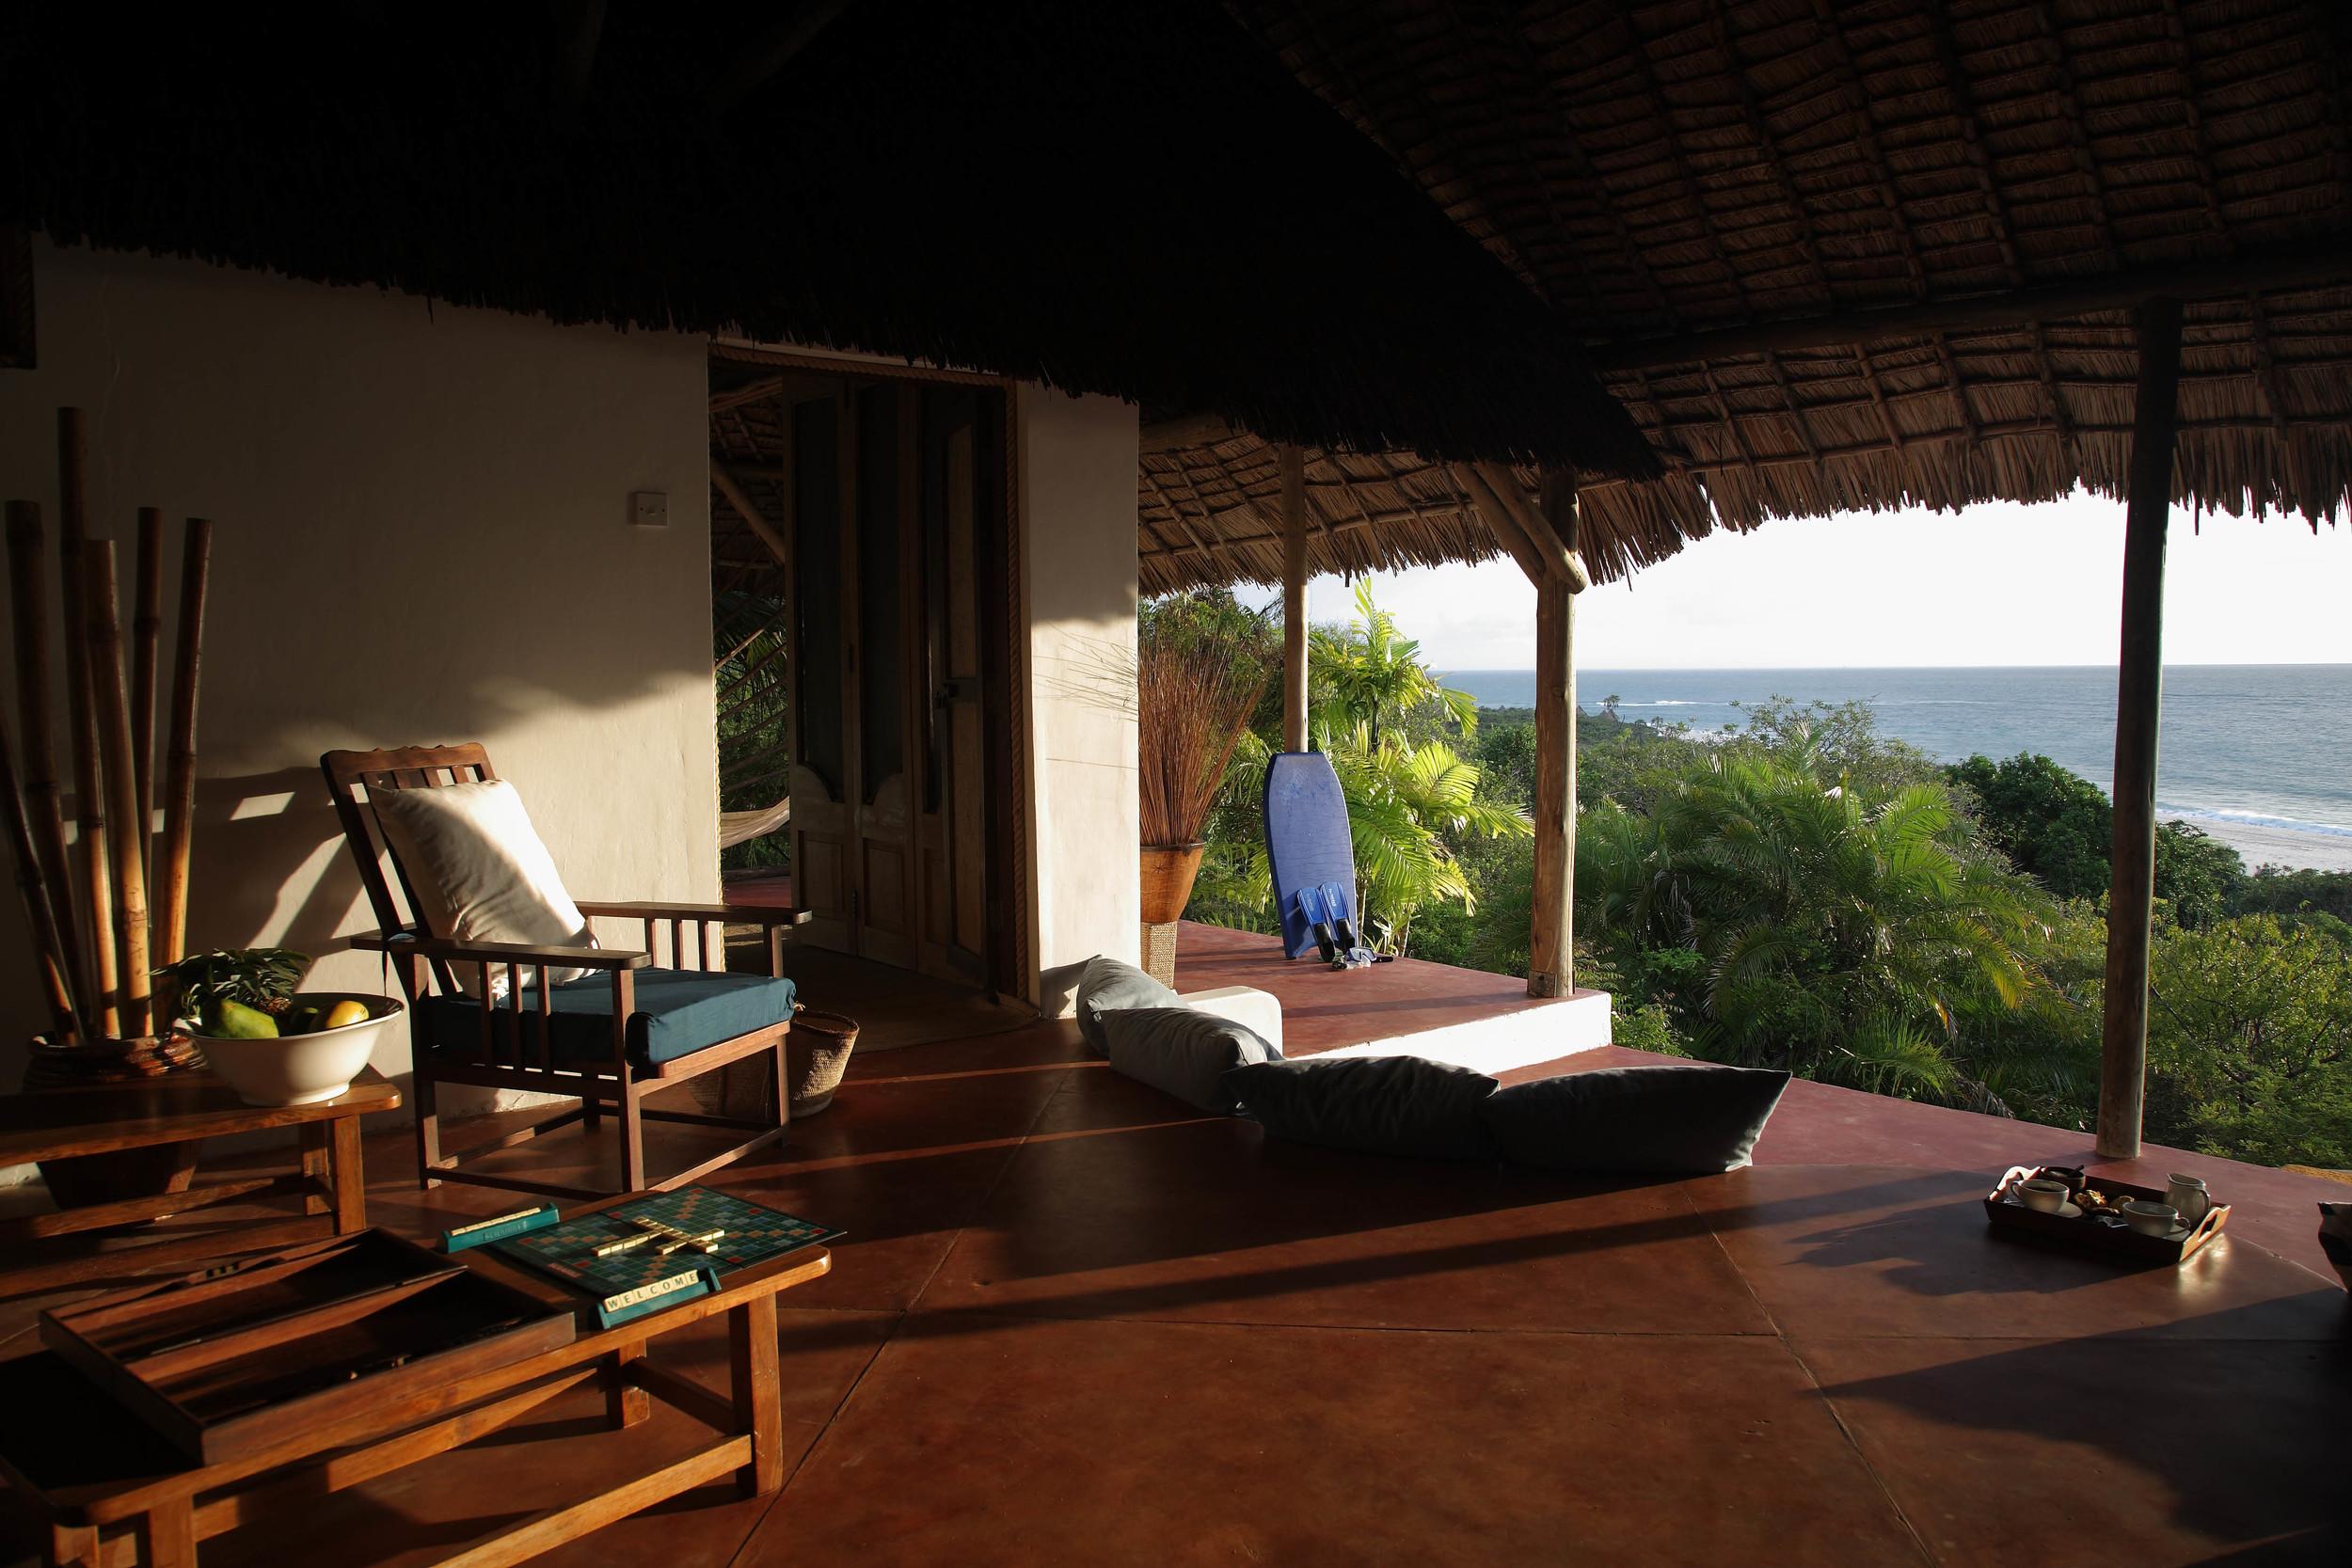 Voyage de noces Grand Sud en Tanzanie - Ras Kutani